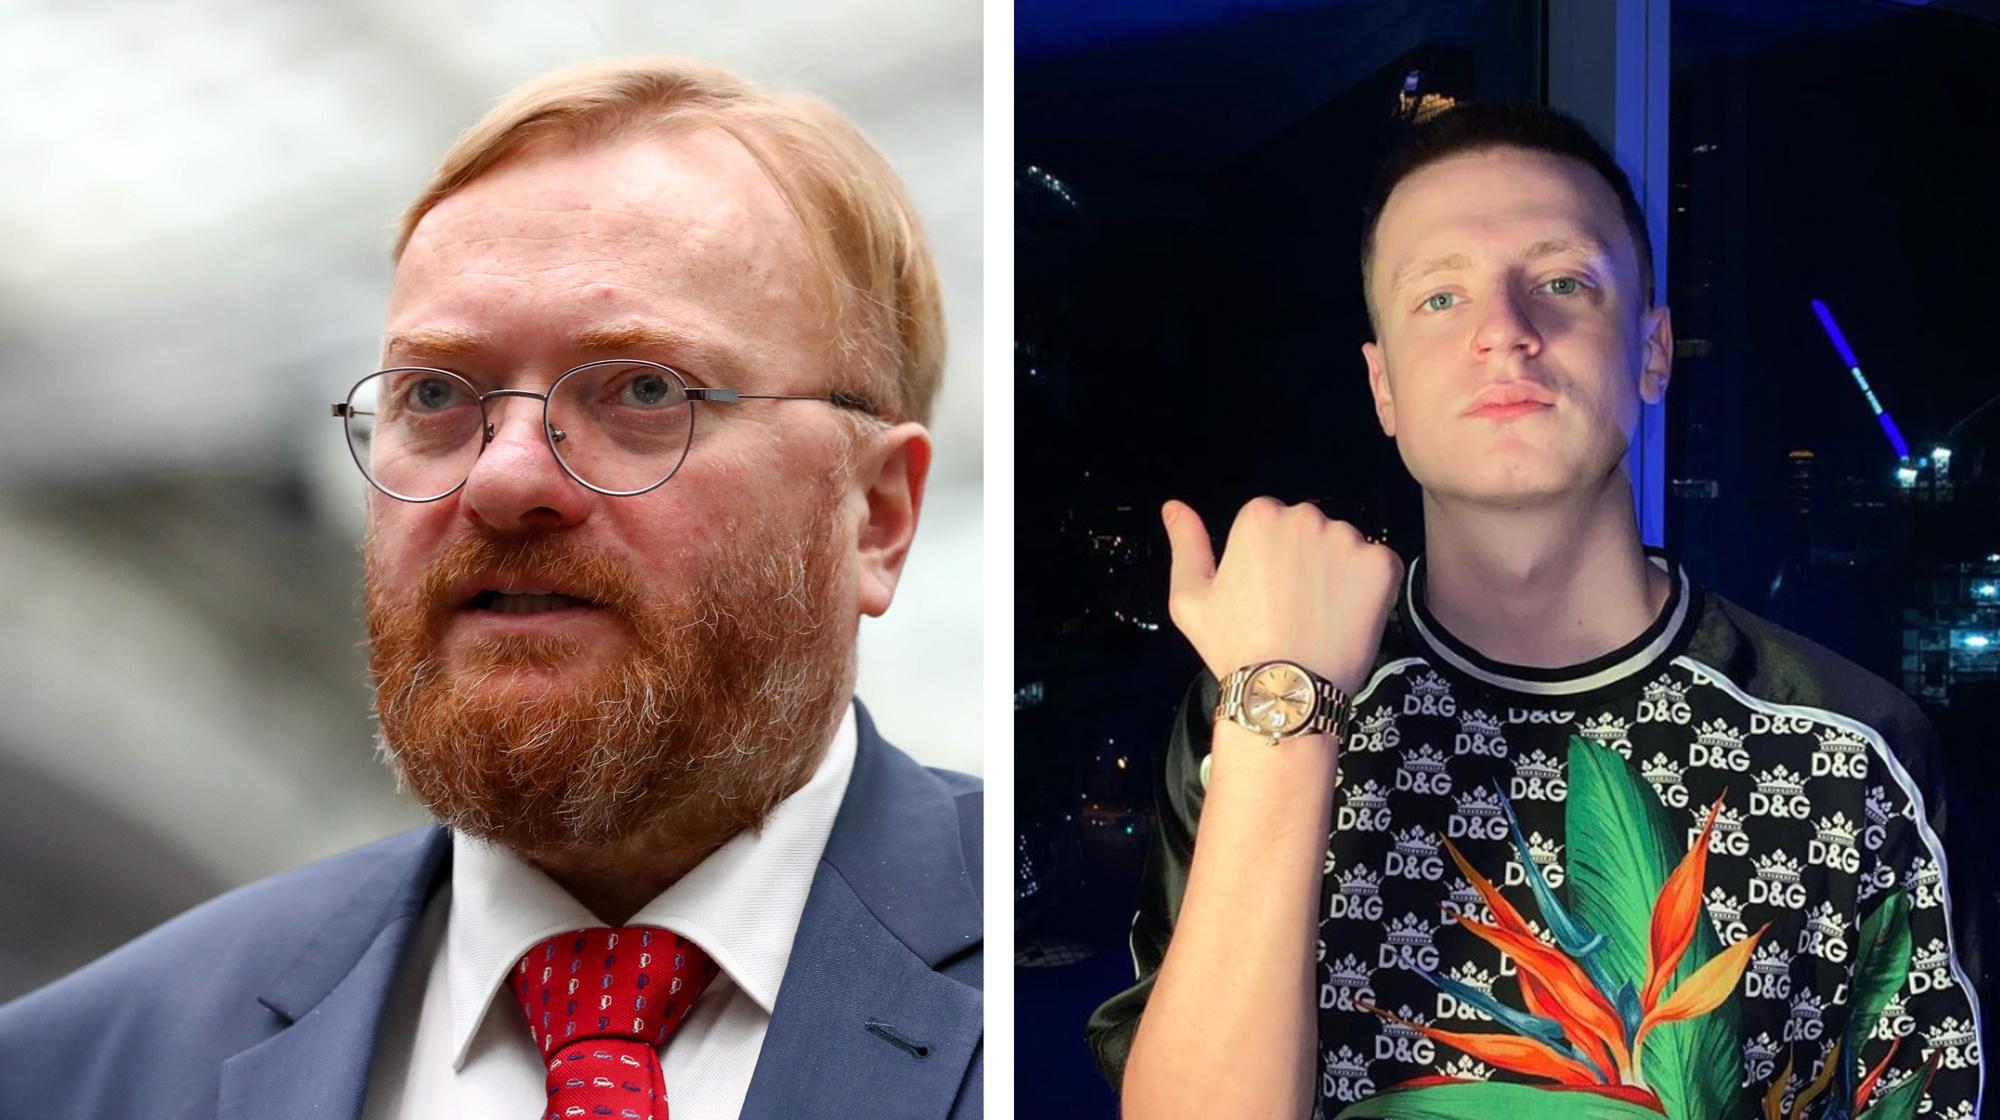 Милонов — о скандале с блогером Mellstroy: Молодняк насмотрится, потом школьники начнут одноклассниц елтузить